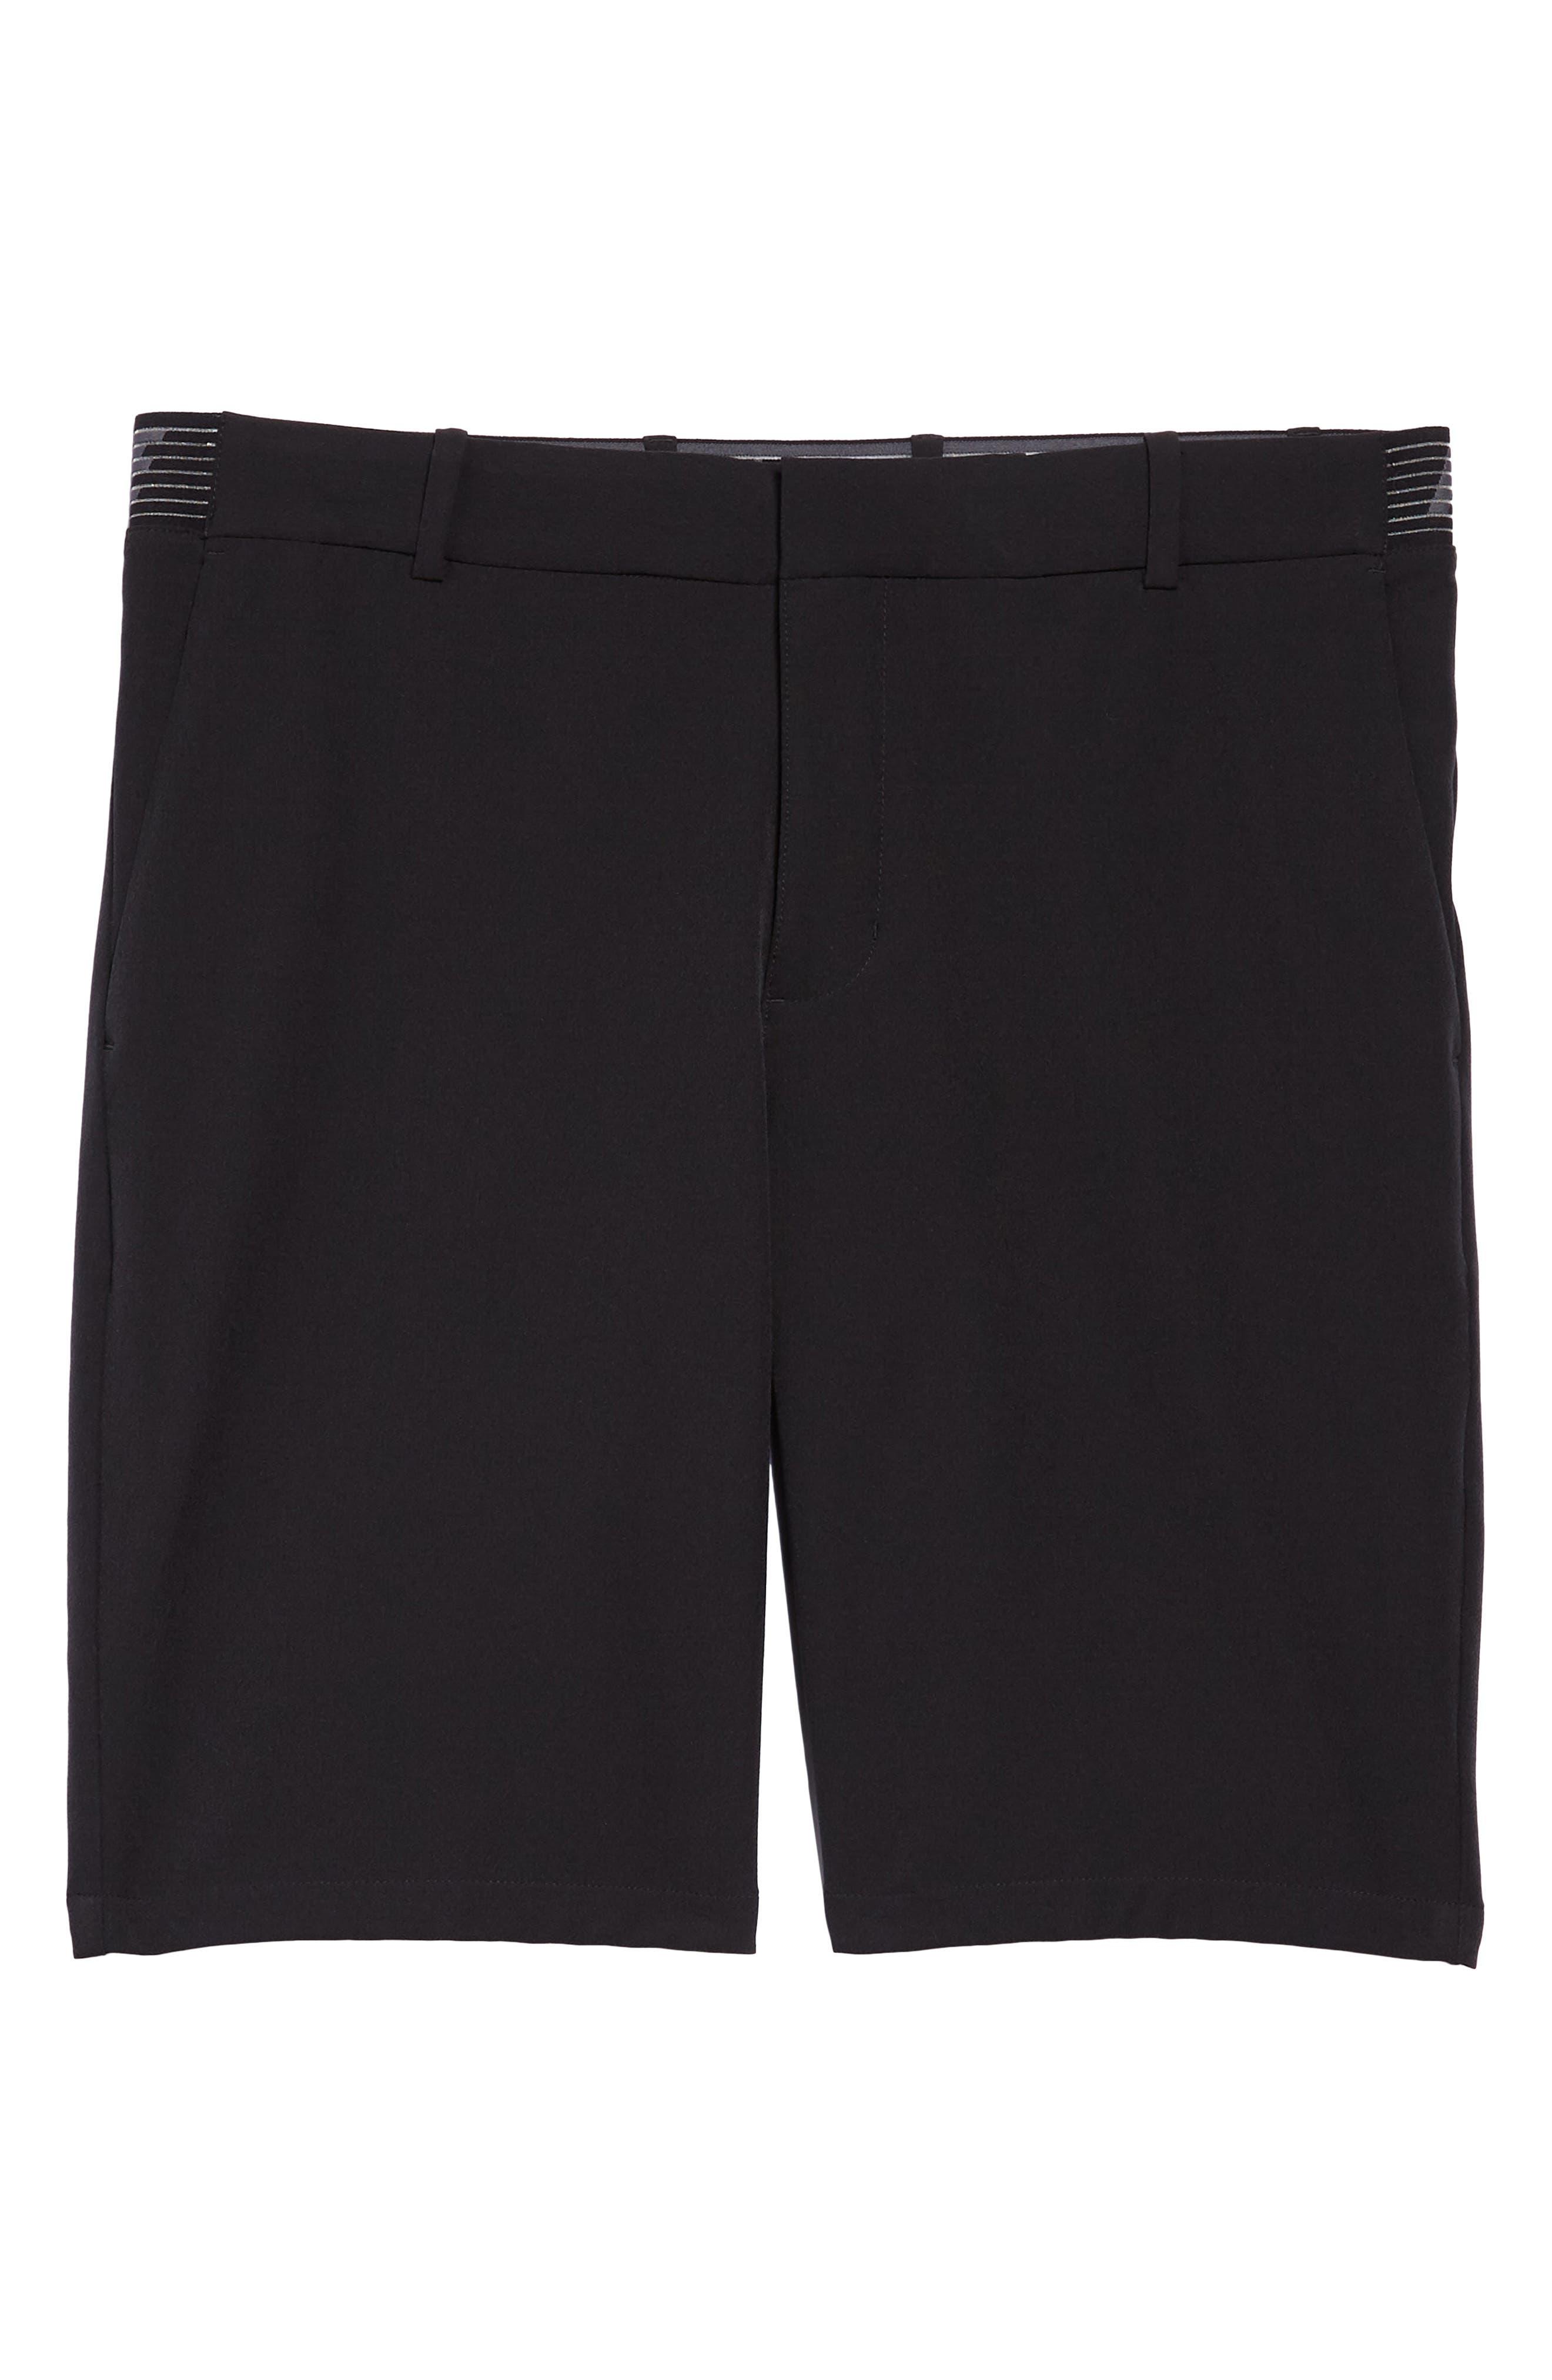 NIKE, Flex Slim Fit Dri-FIT Golf Shorts, Alternate thumbnail 6, color, BLACK/ BLACK